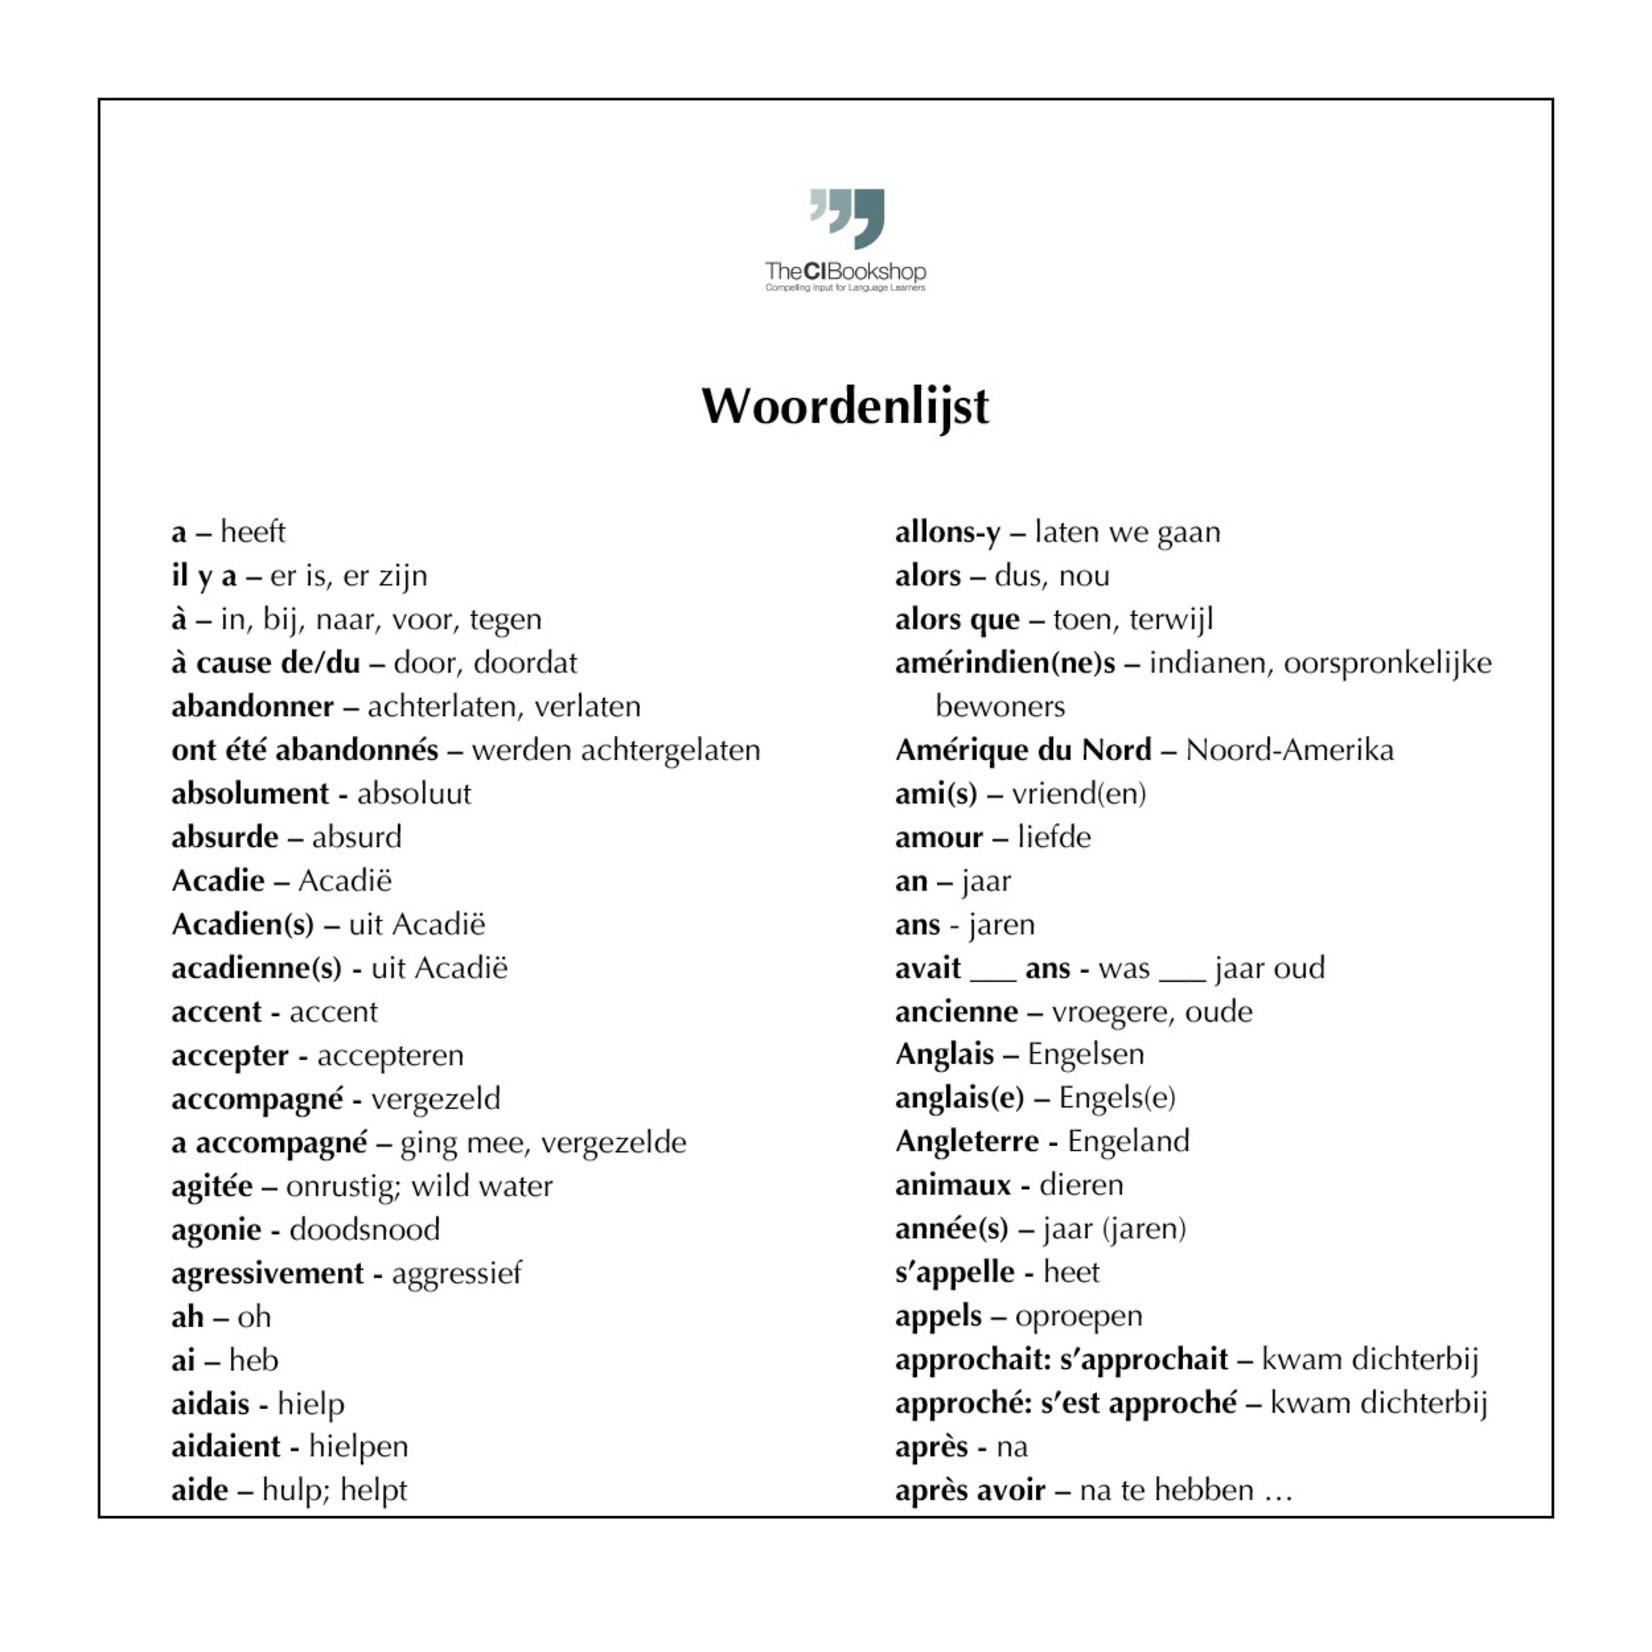 Dutch glossary for Marie-Antoinette et le collier de la mort